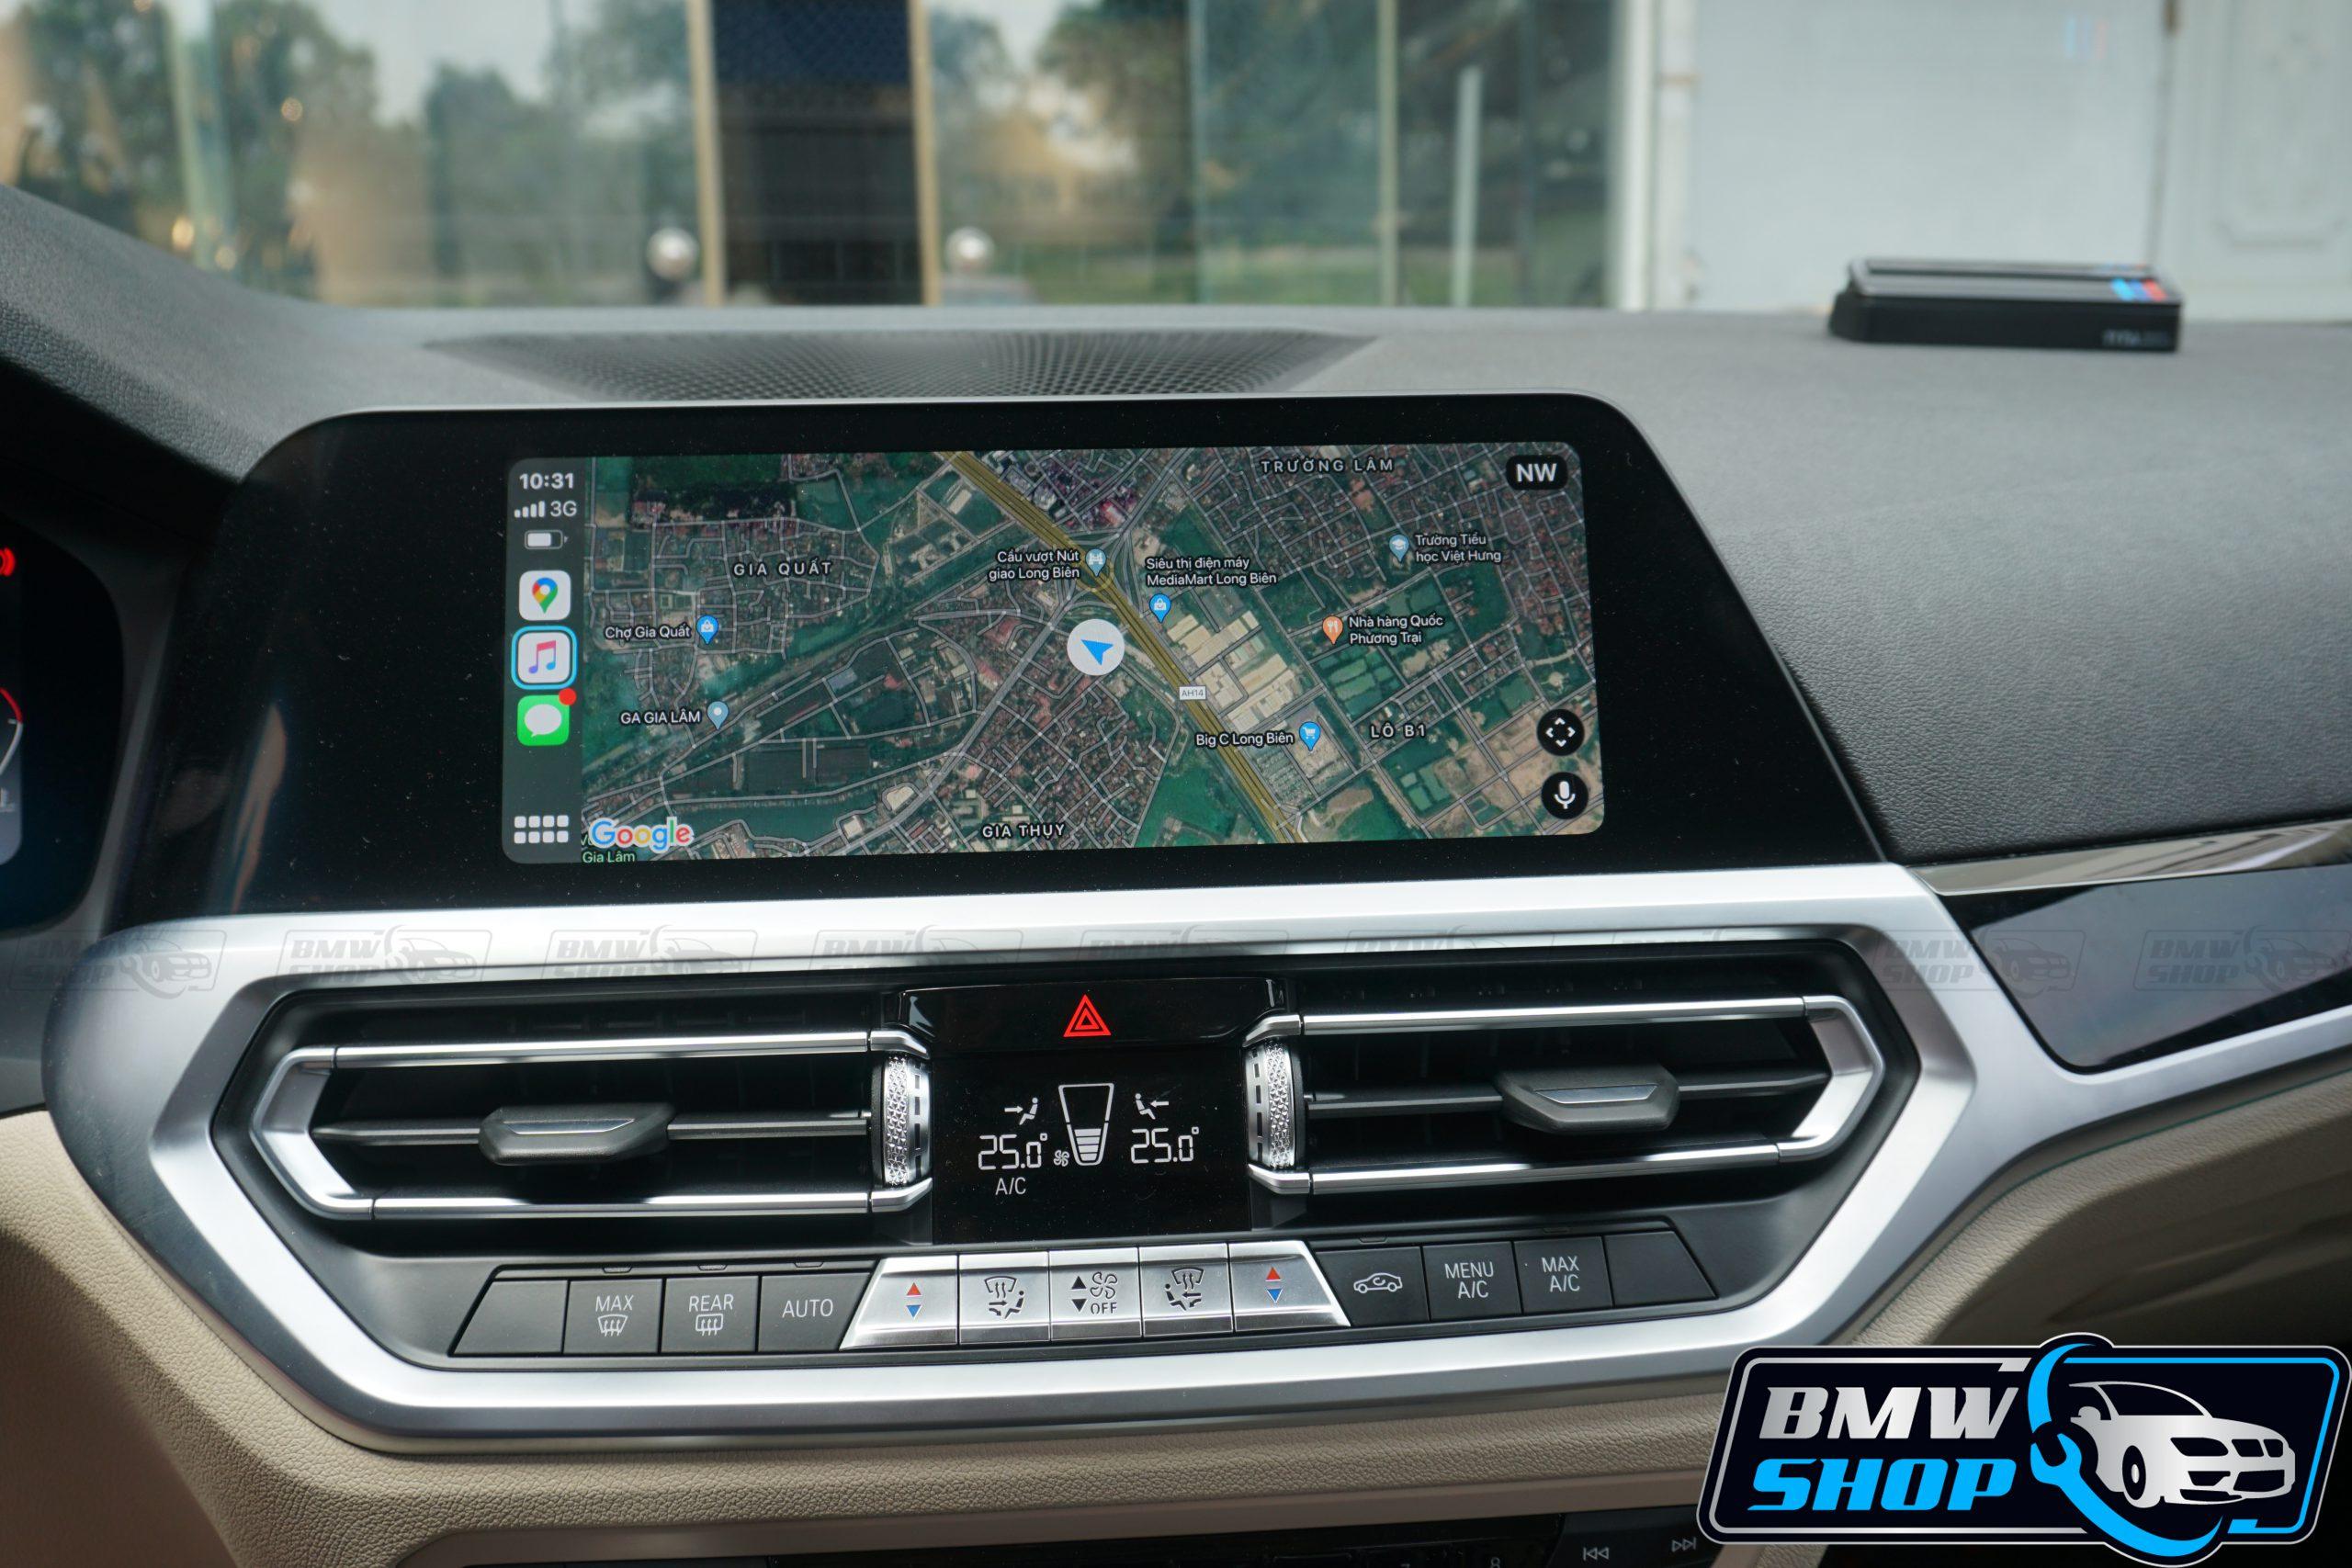 Nâng cấp Carplay cho xe BMW G02 G05